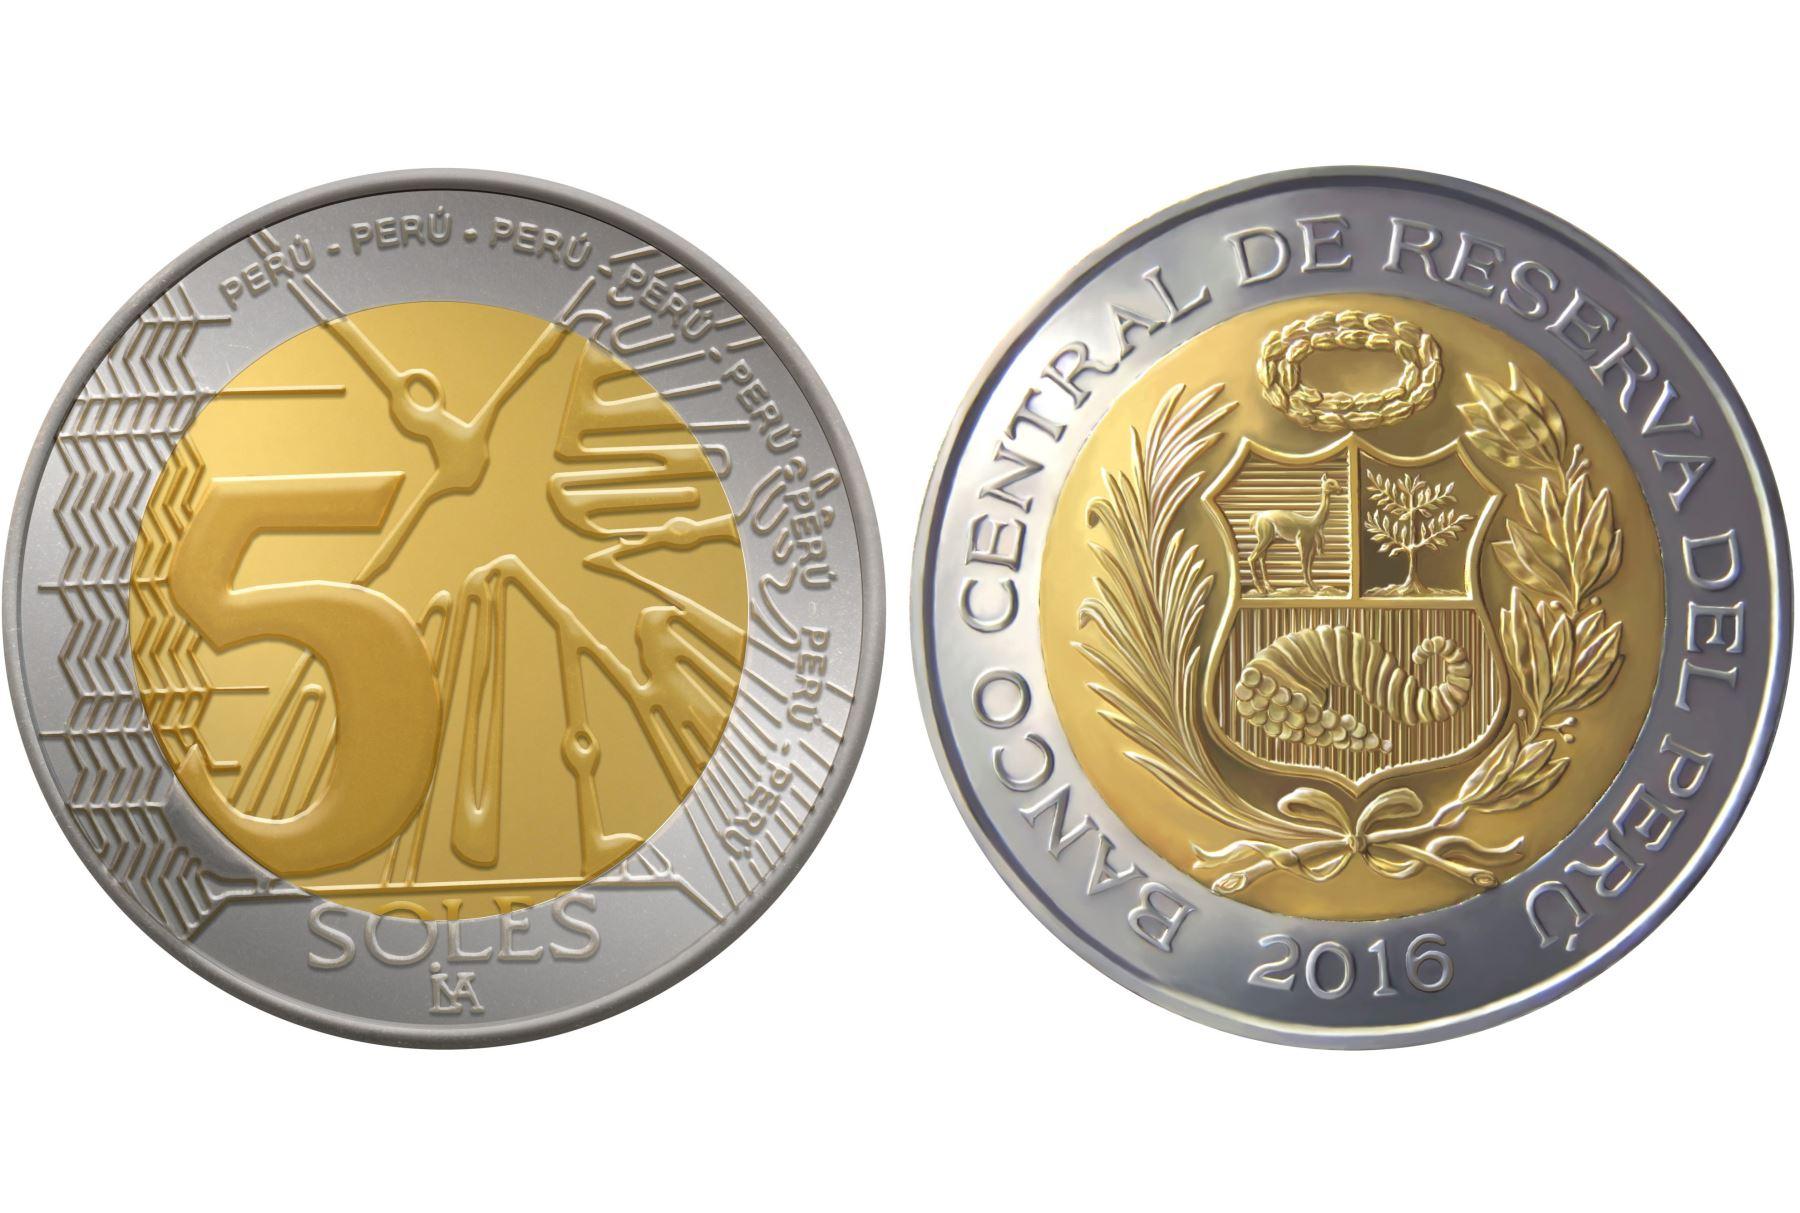 nueva moneda de cinco soles con renovado diseño.